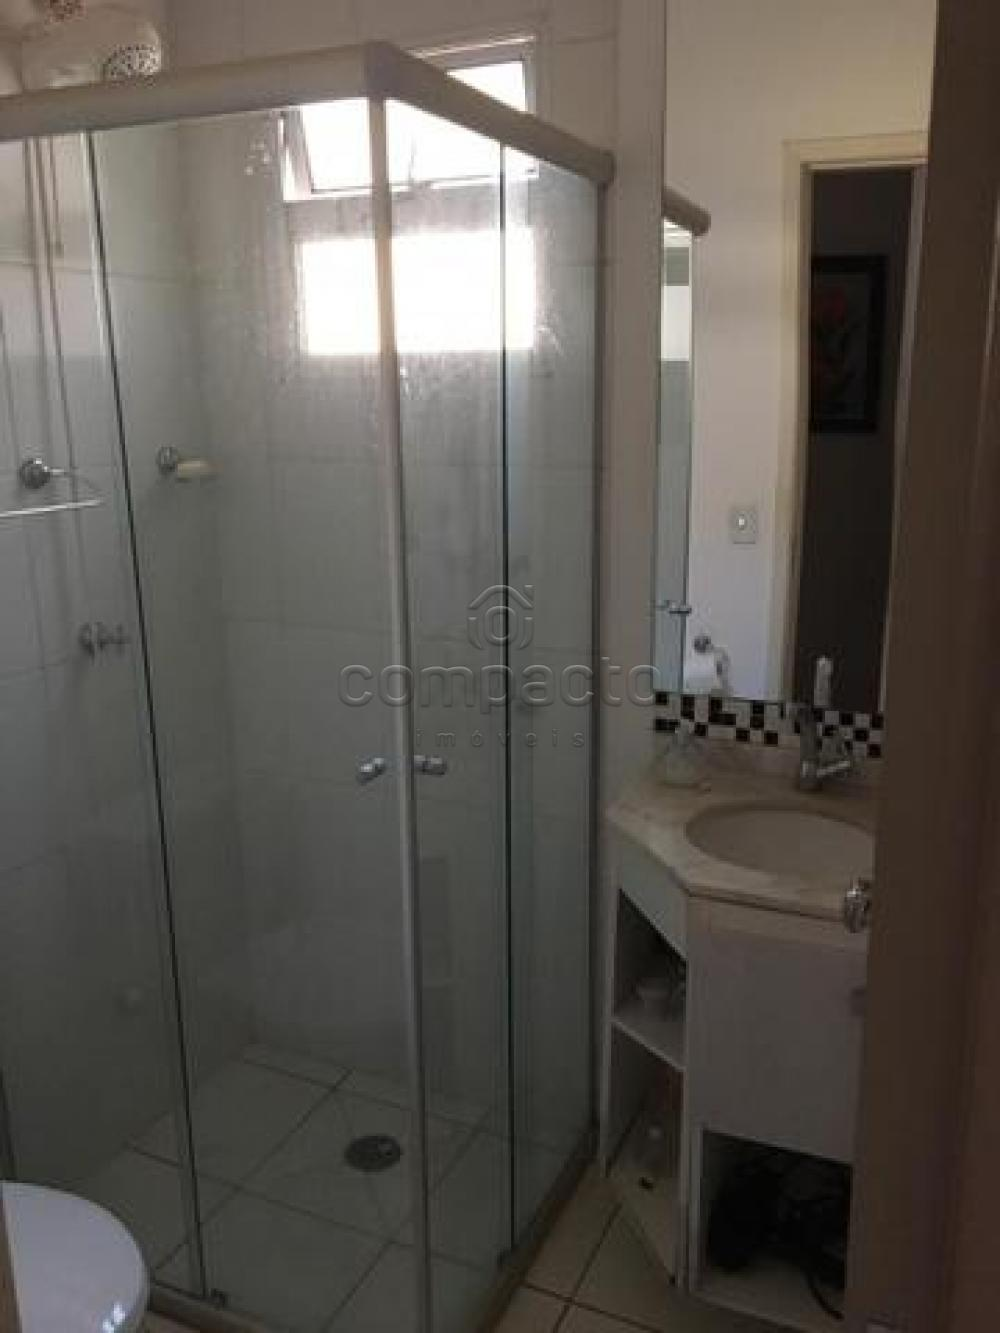 Comprar Casa / Condomínio em São José do Rio Preto apenas R$ 285.000,00 - Foto 14